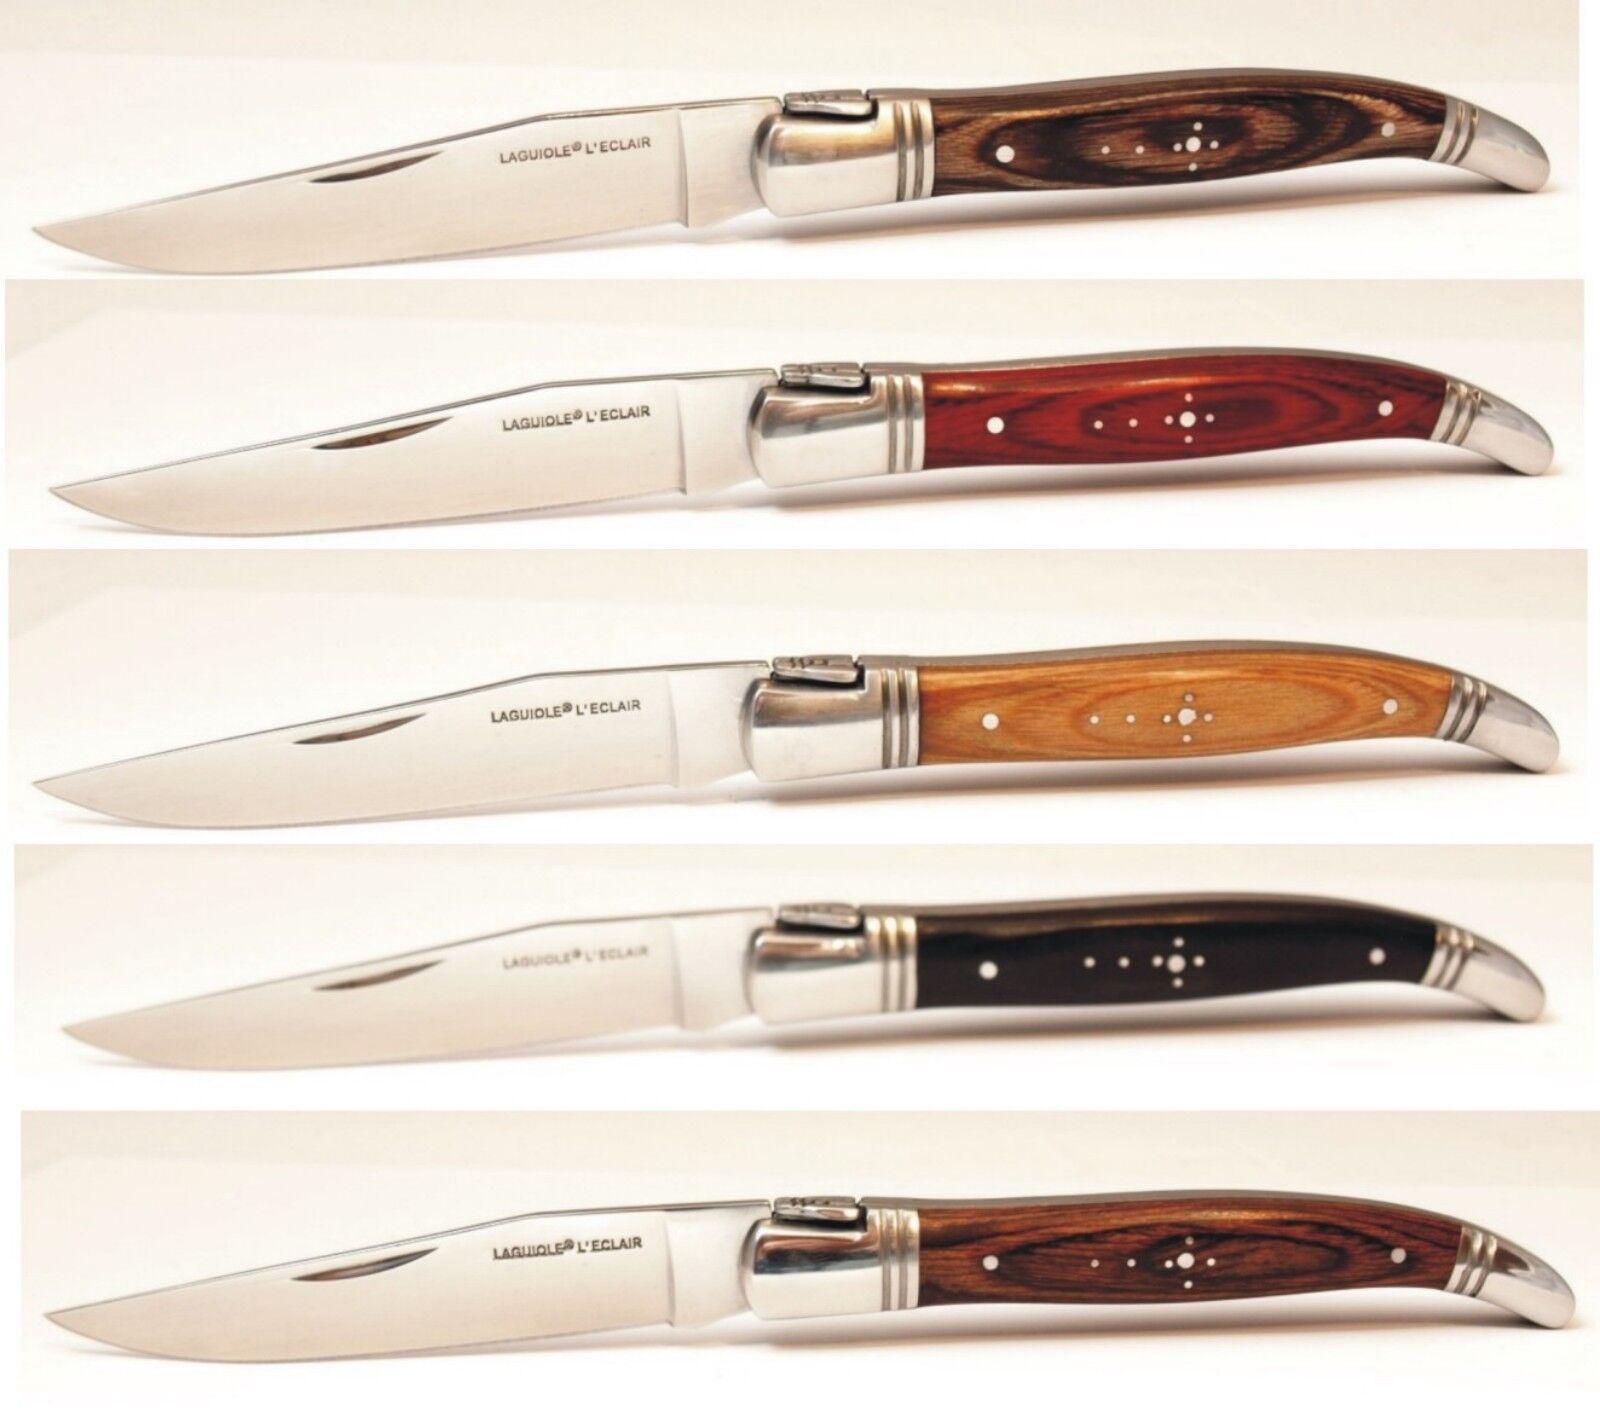 Ec1-9 Laguiole couteau canif différentes couleurs couleurs couleurs notre top offre 06b9e3